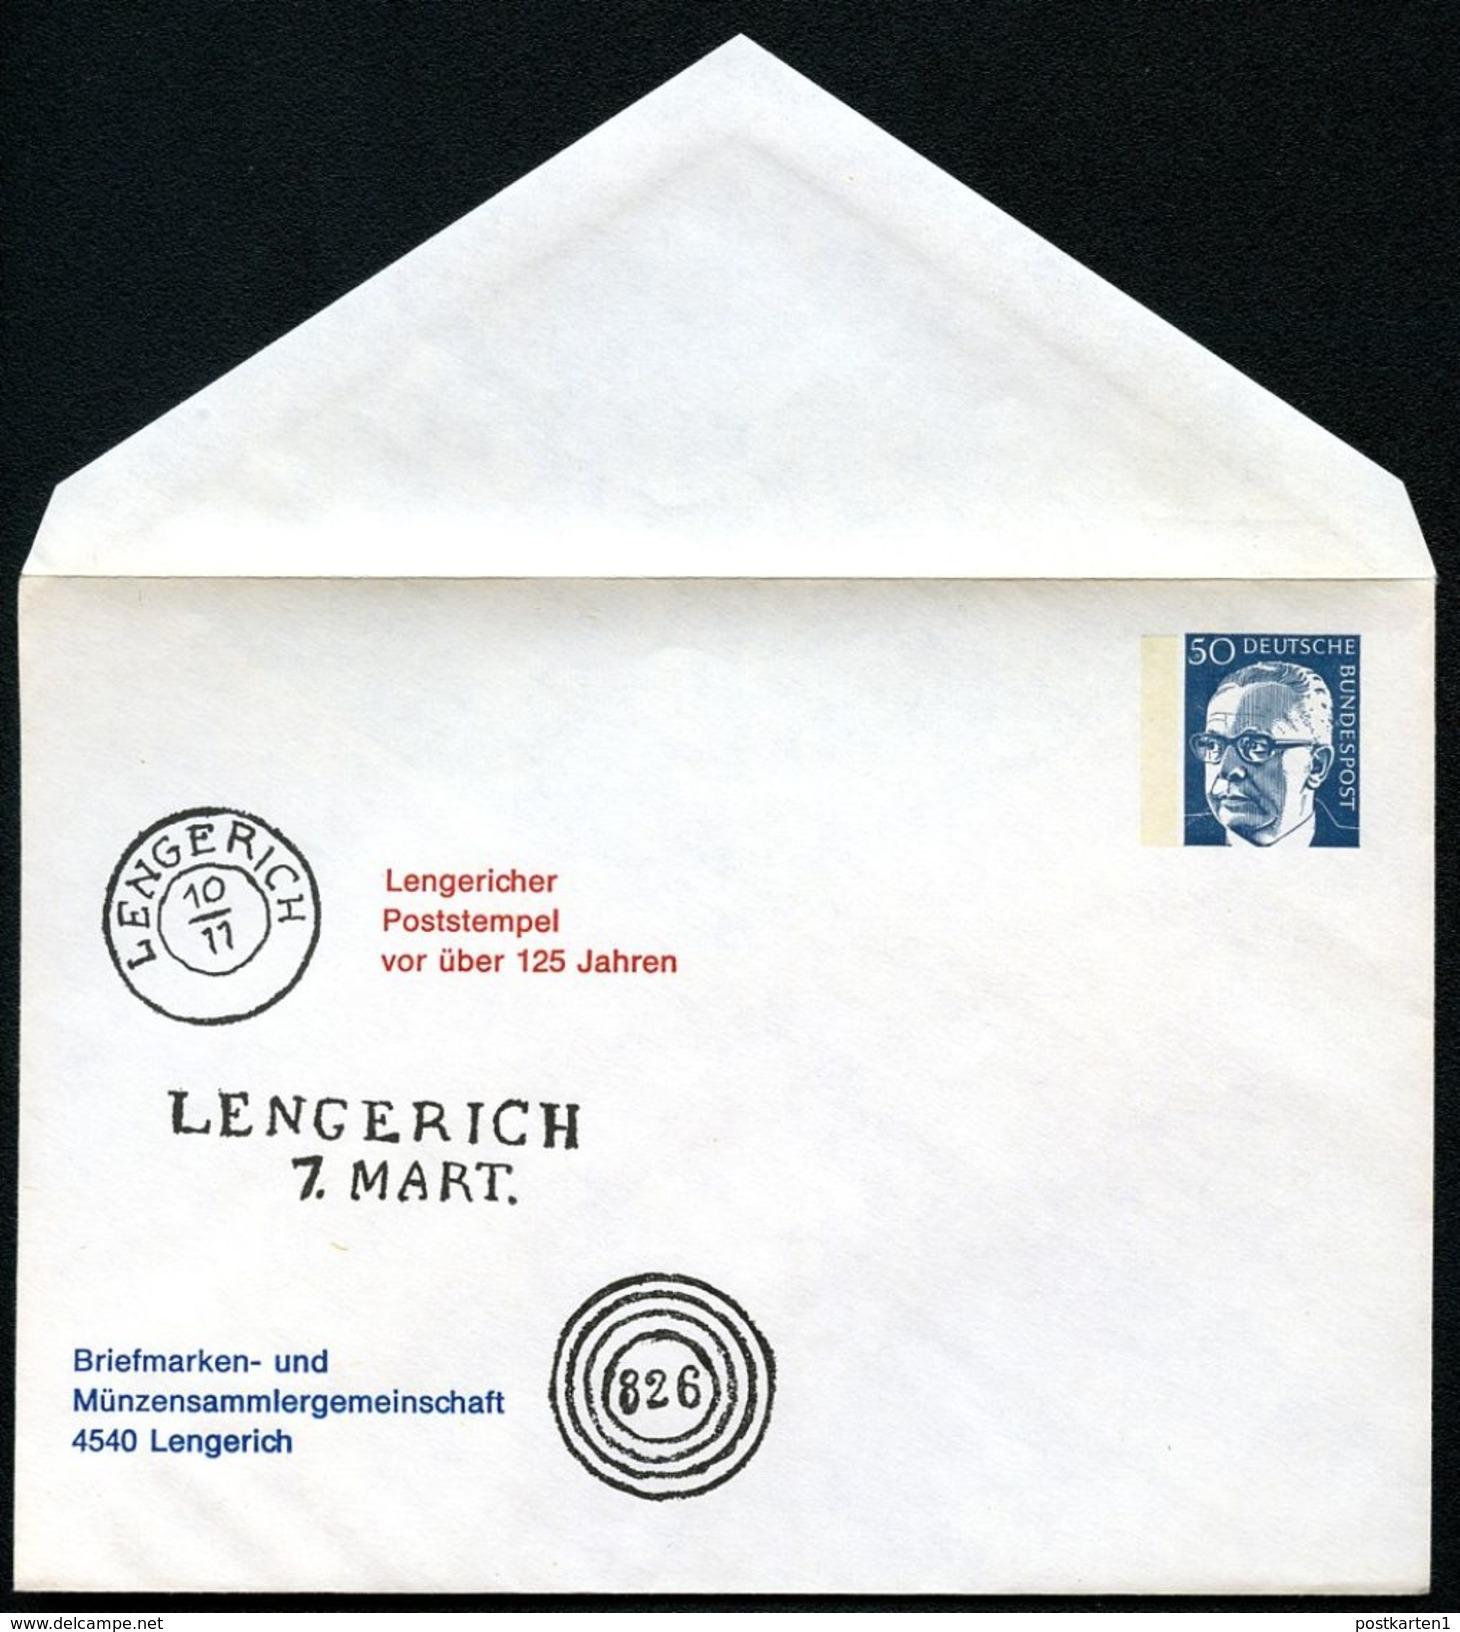 Bund PU54 B2/002a  Privat-Umschlag POSTSTEMPEL LENGERICH 1974  NGK 4,00 € - Post